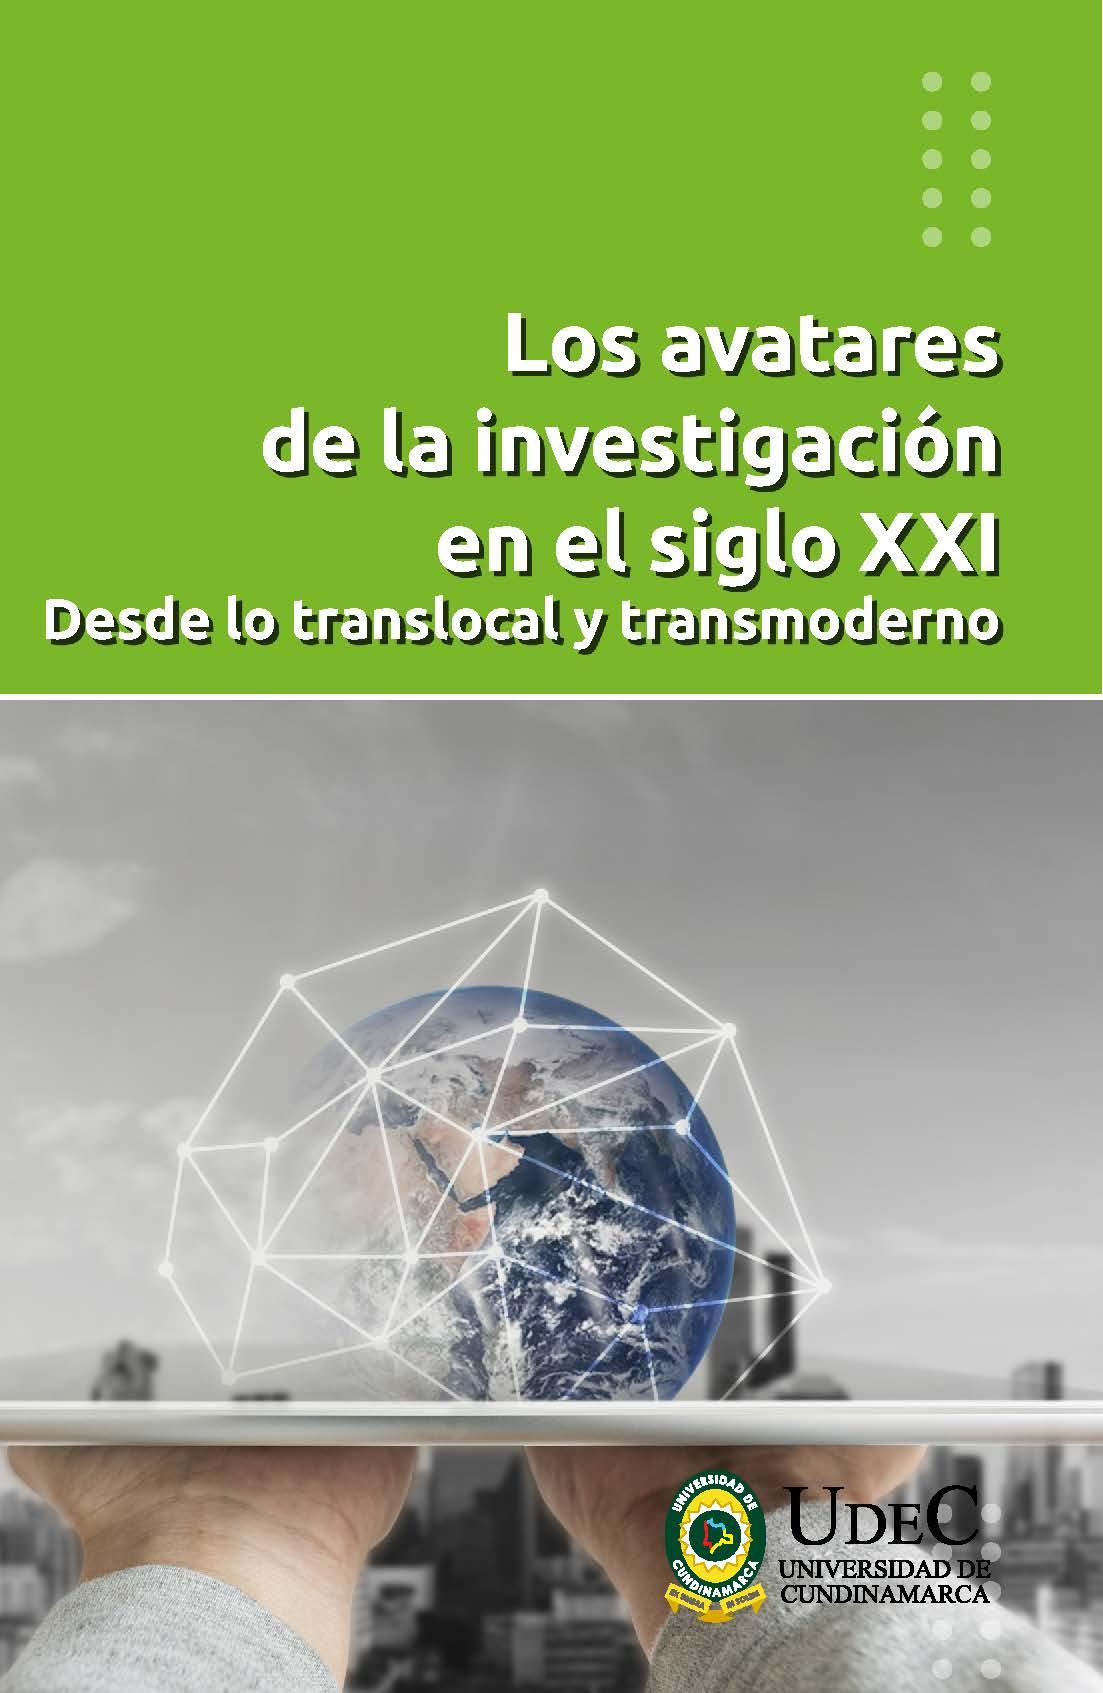 Los avatares de la investigación en el siglo XXI. Desde lo translocal y transmoderno